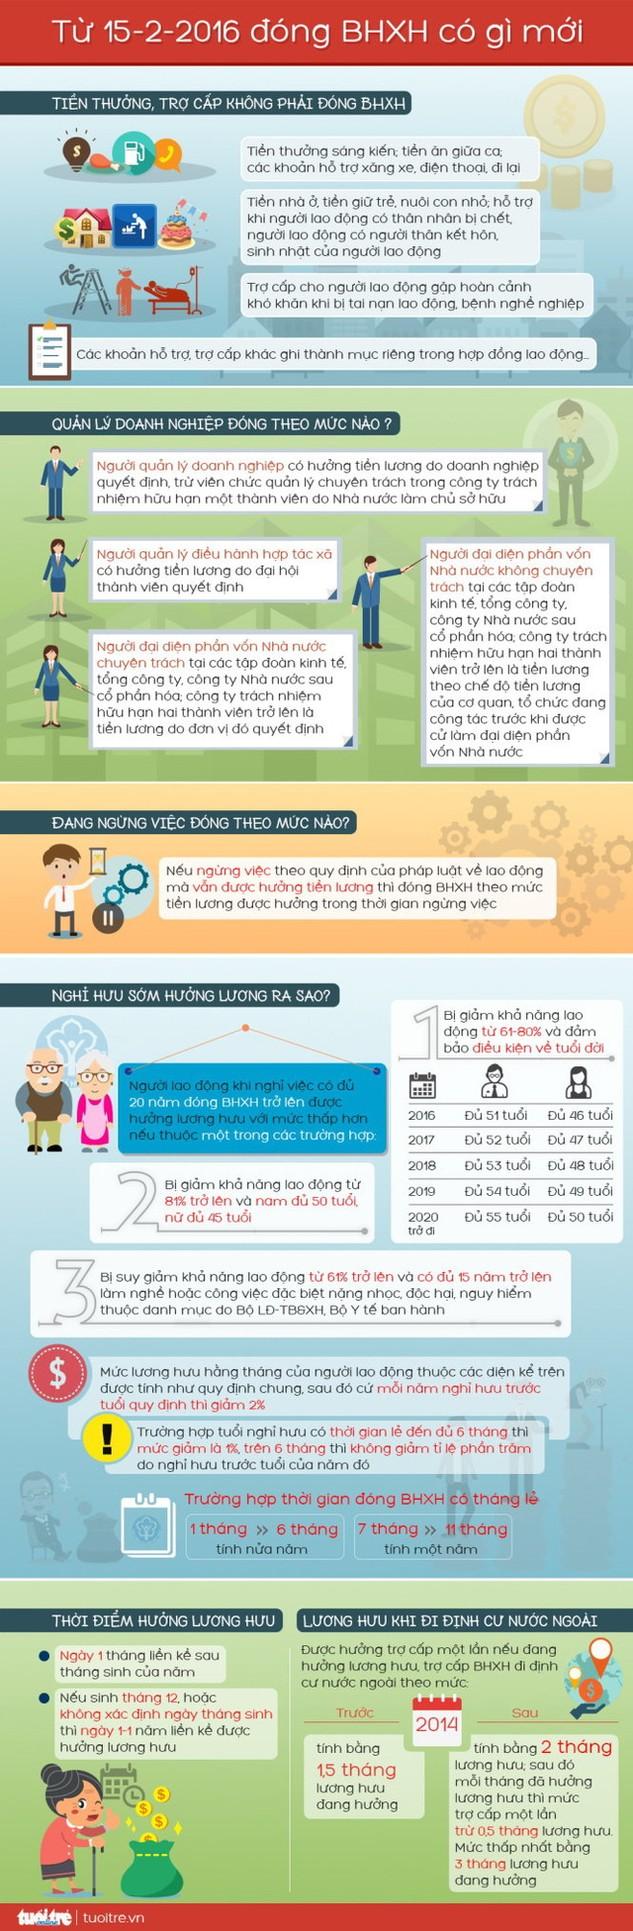 Từ 15-2 đóng bảo hiểm xã hội có gì mới?